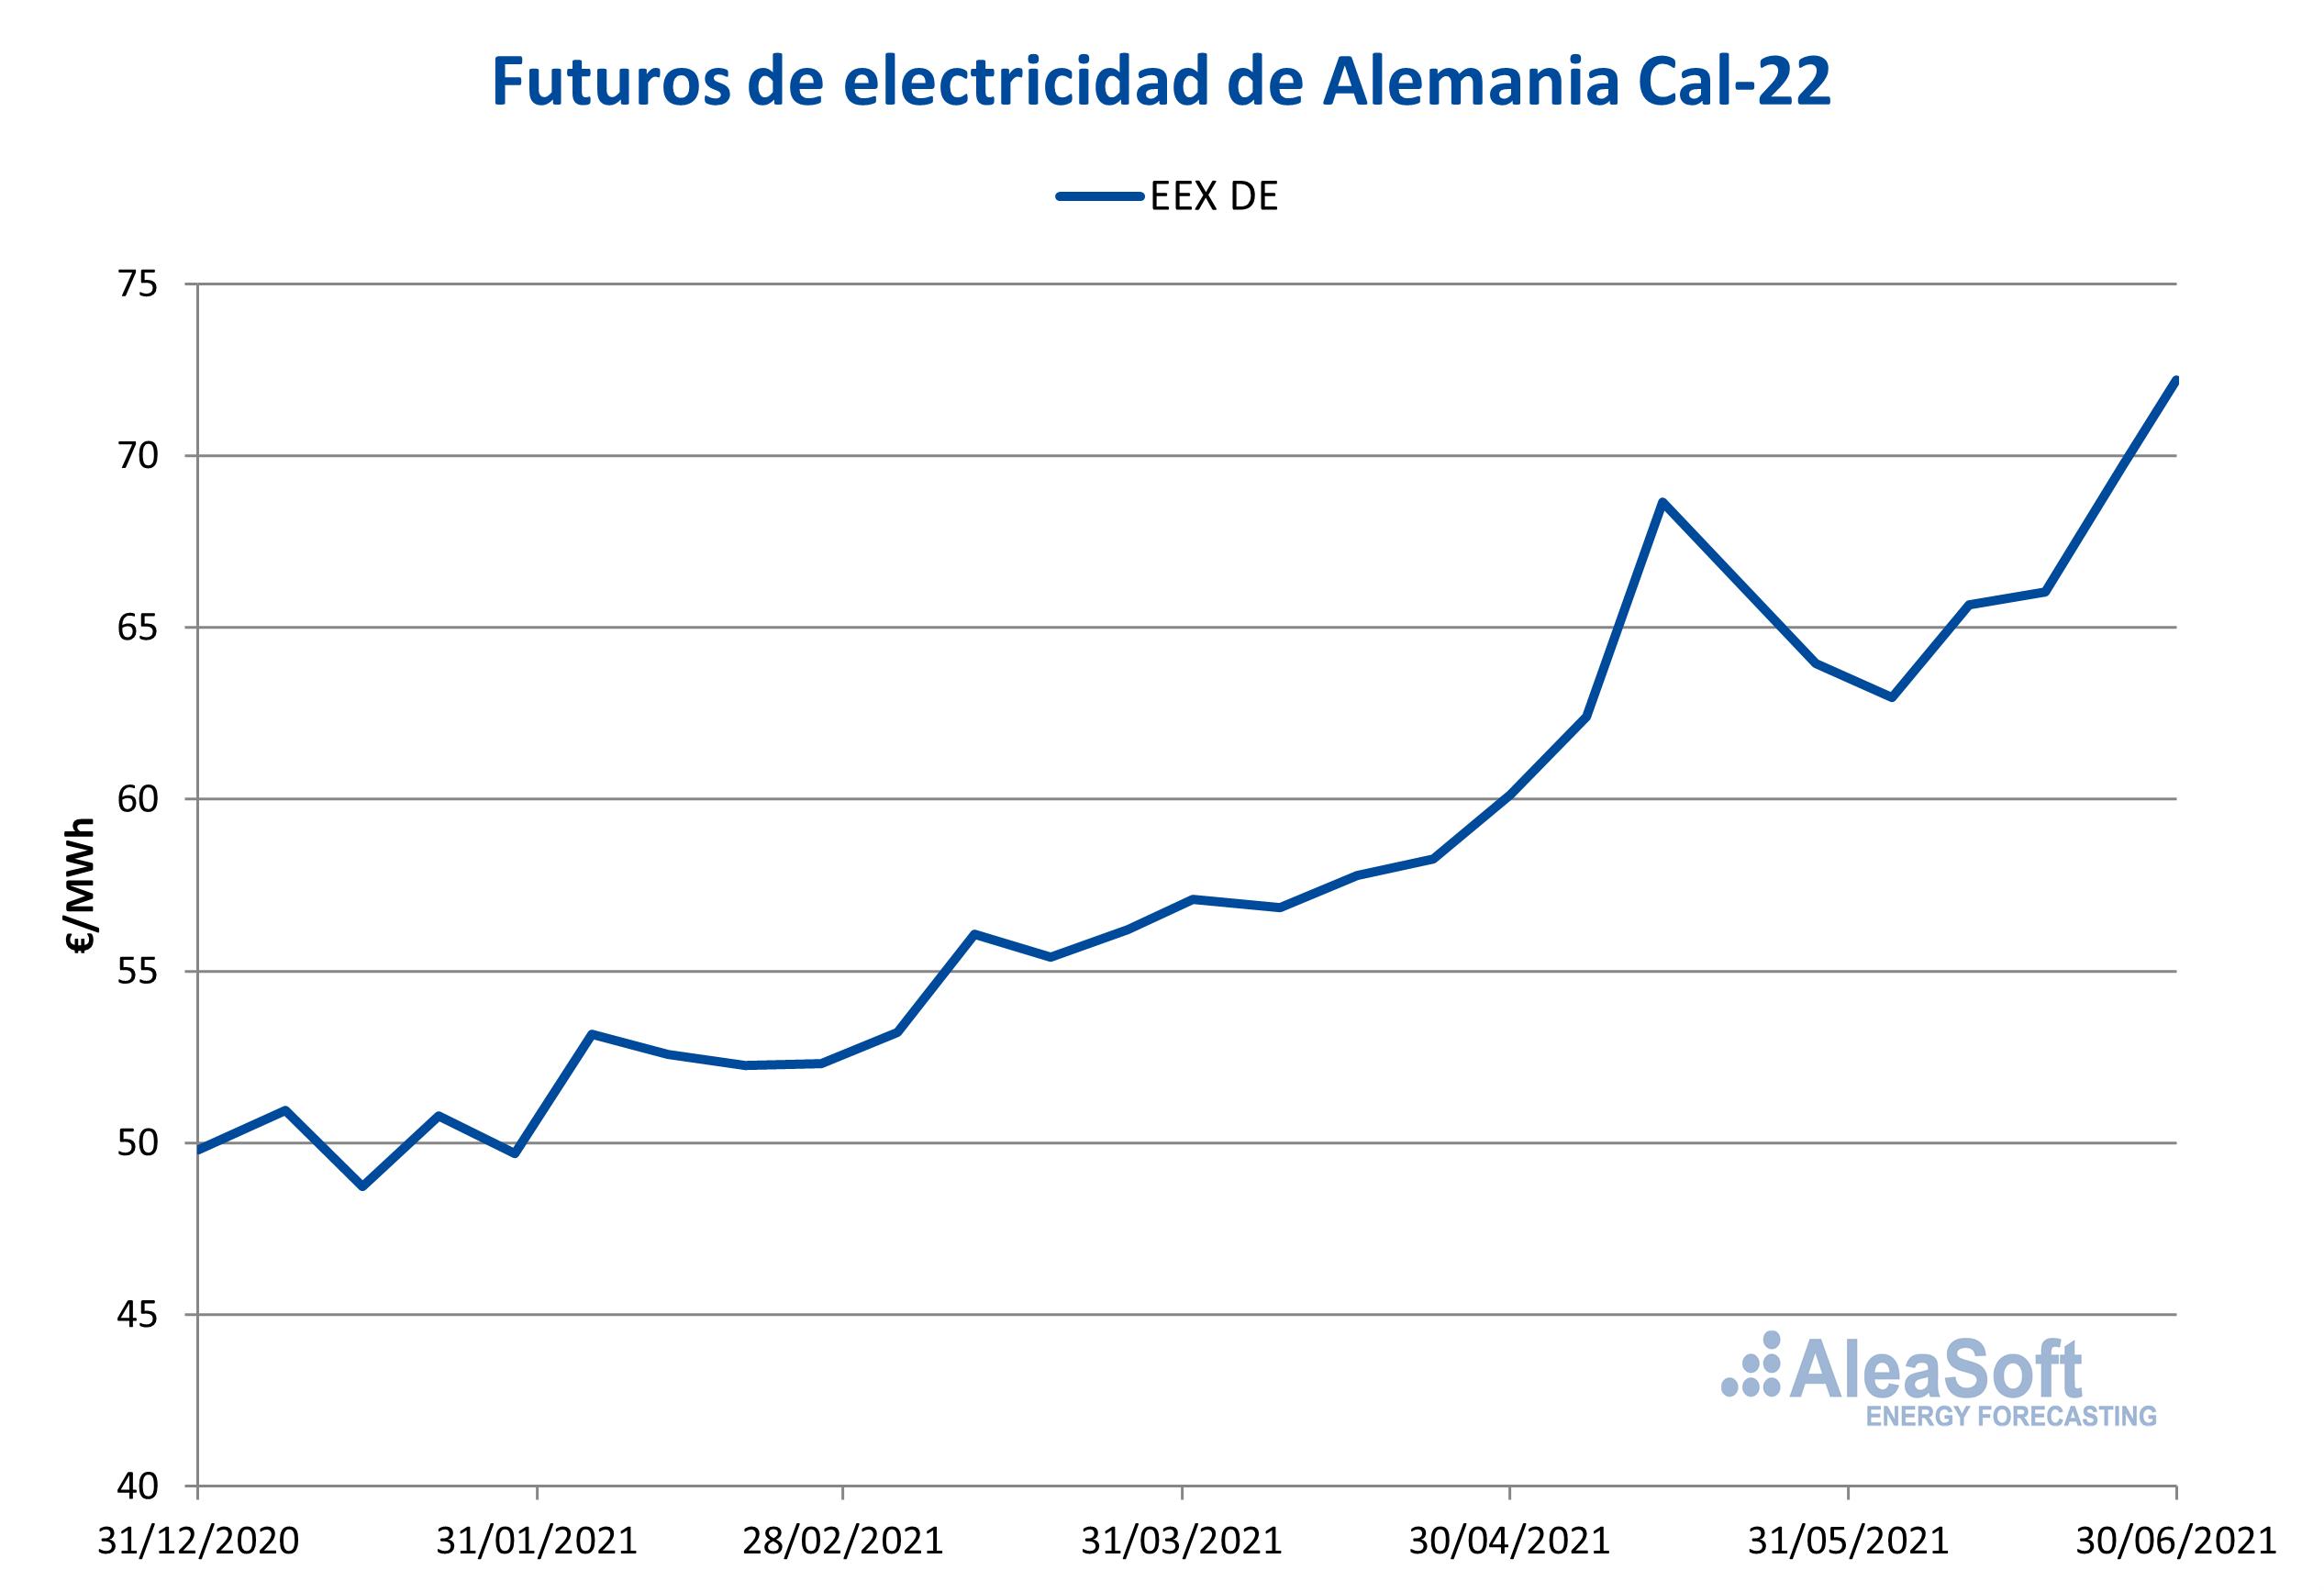 AleaSoft - Futuros electricidad cal 22 alemania